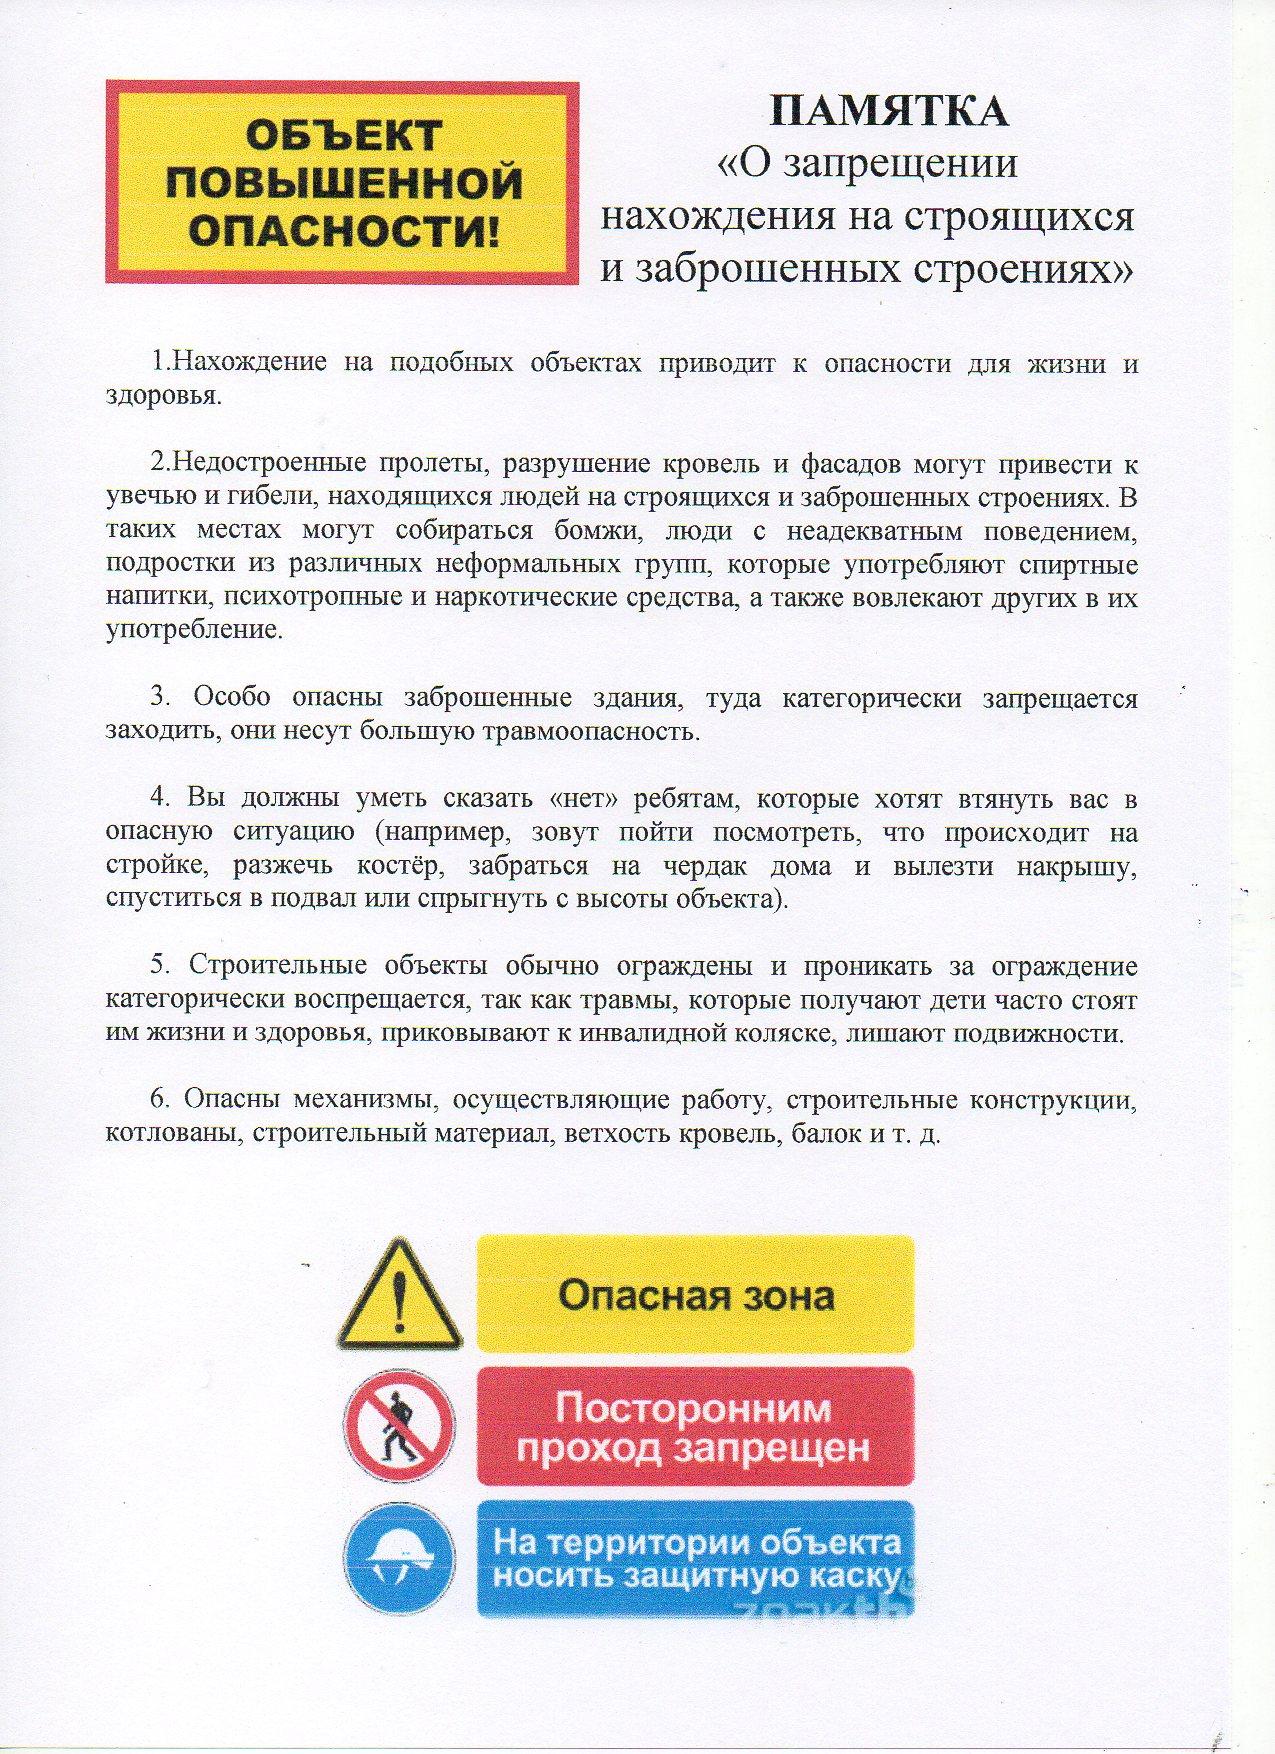 Плакат об опасности на стройке